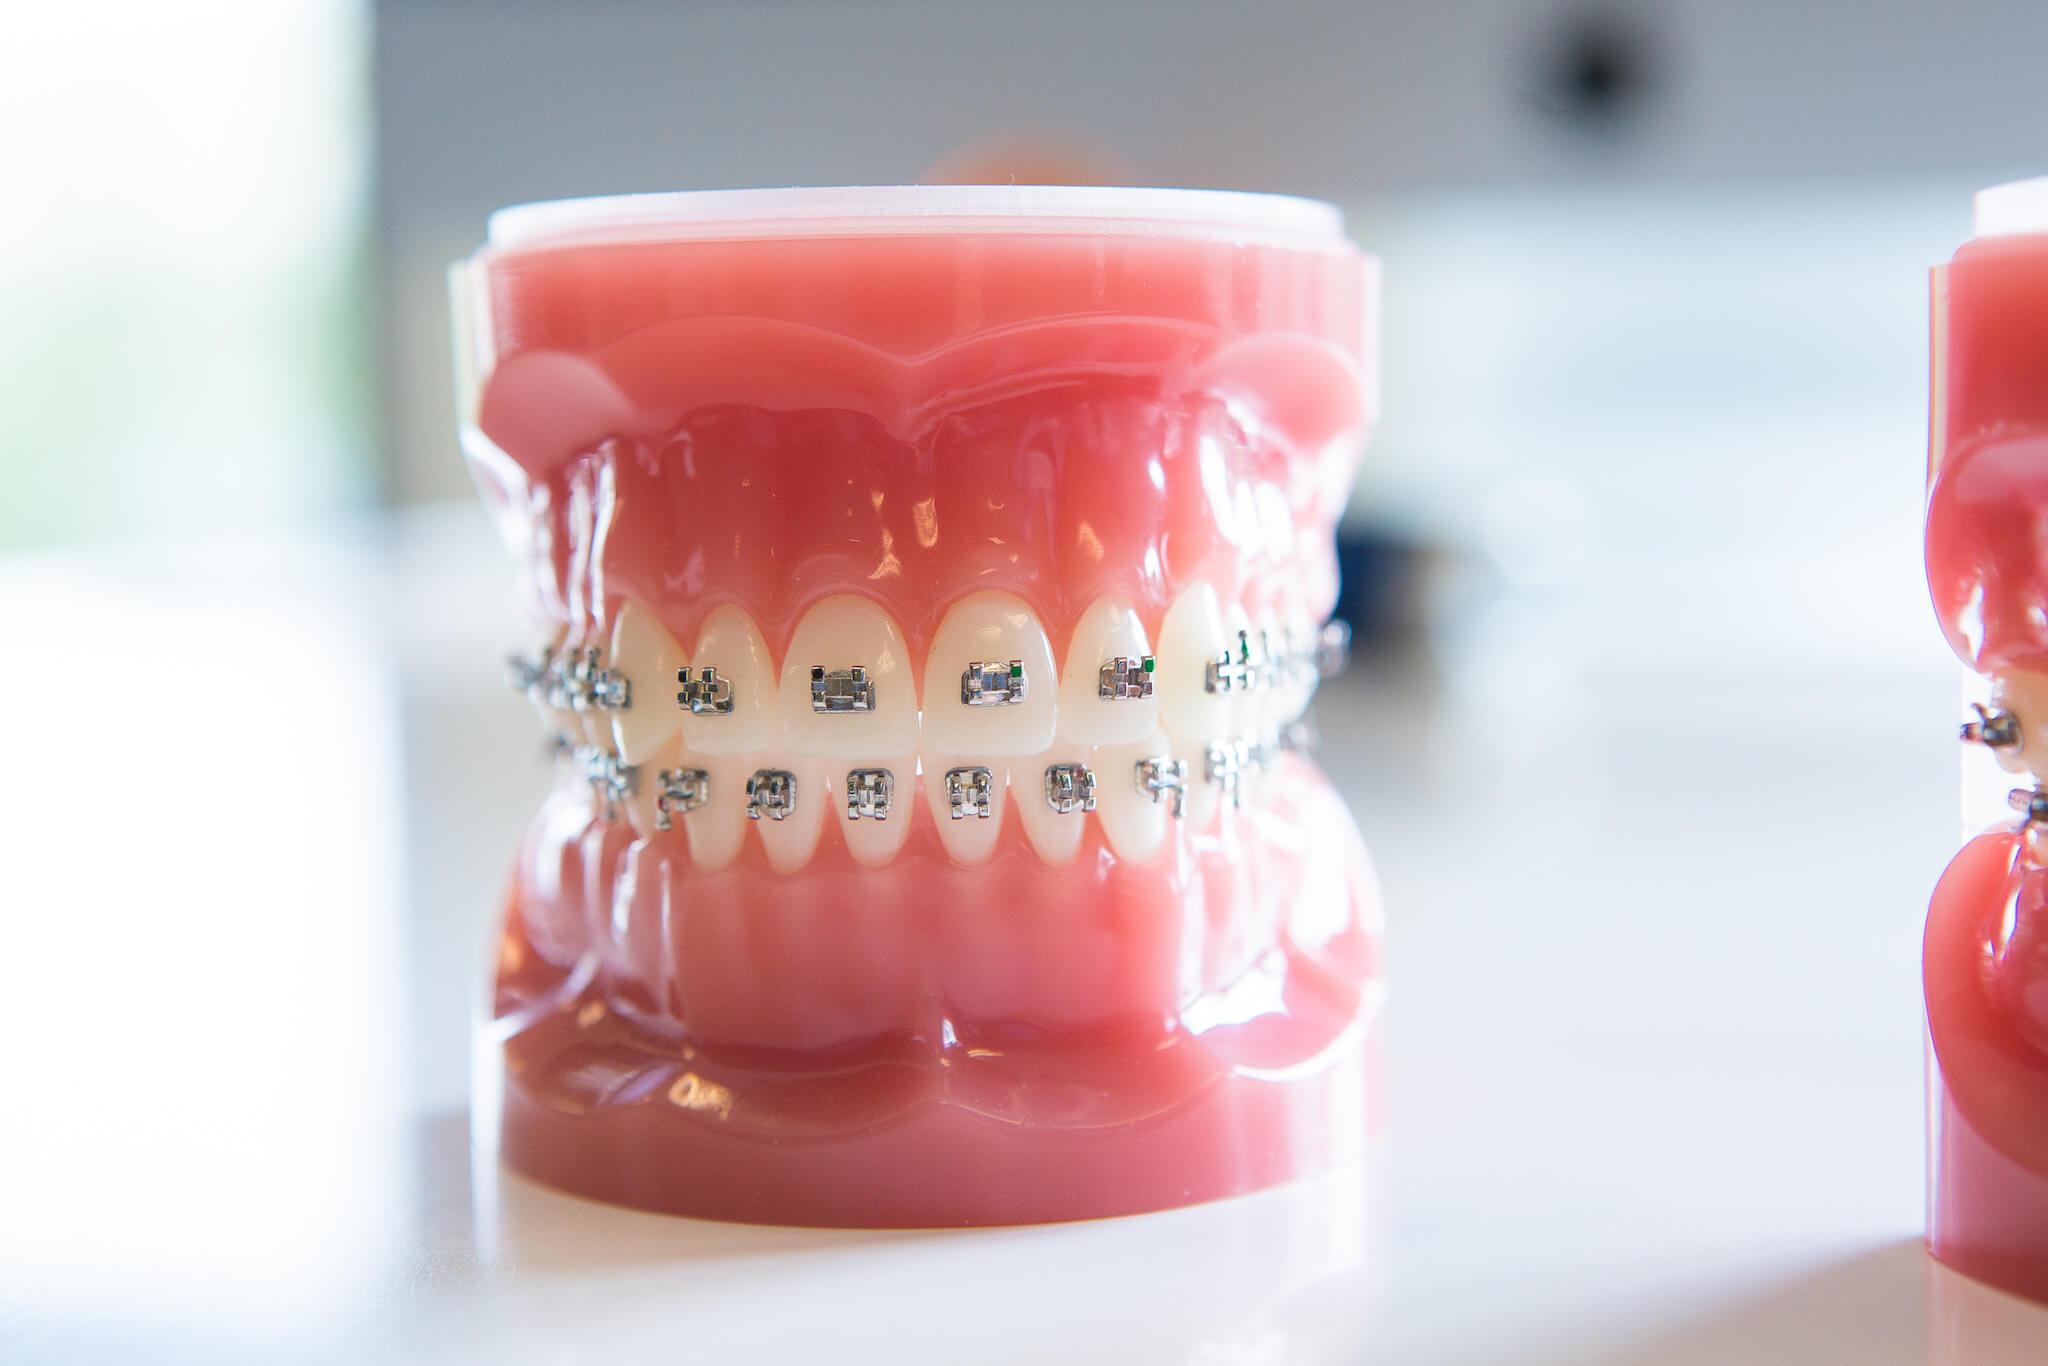 Ортодонтическое лечение в Новосибирске